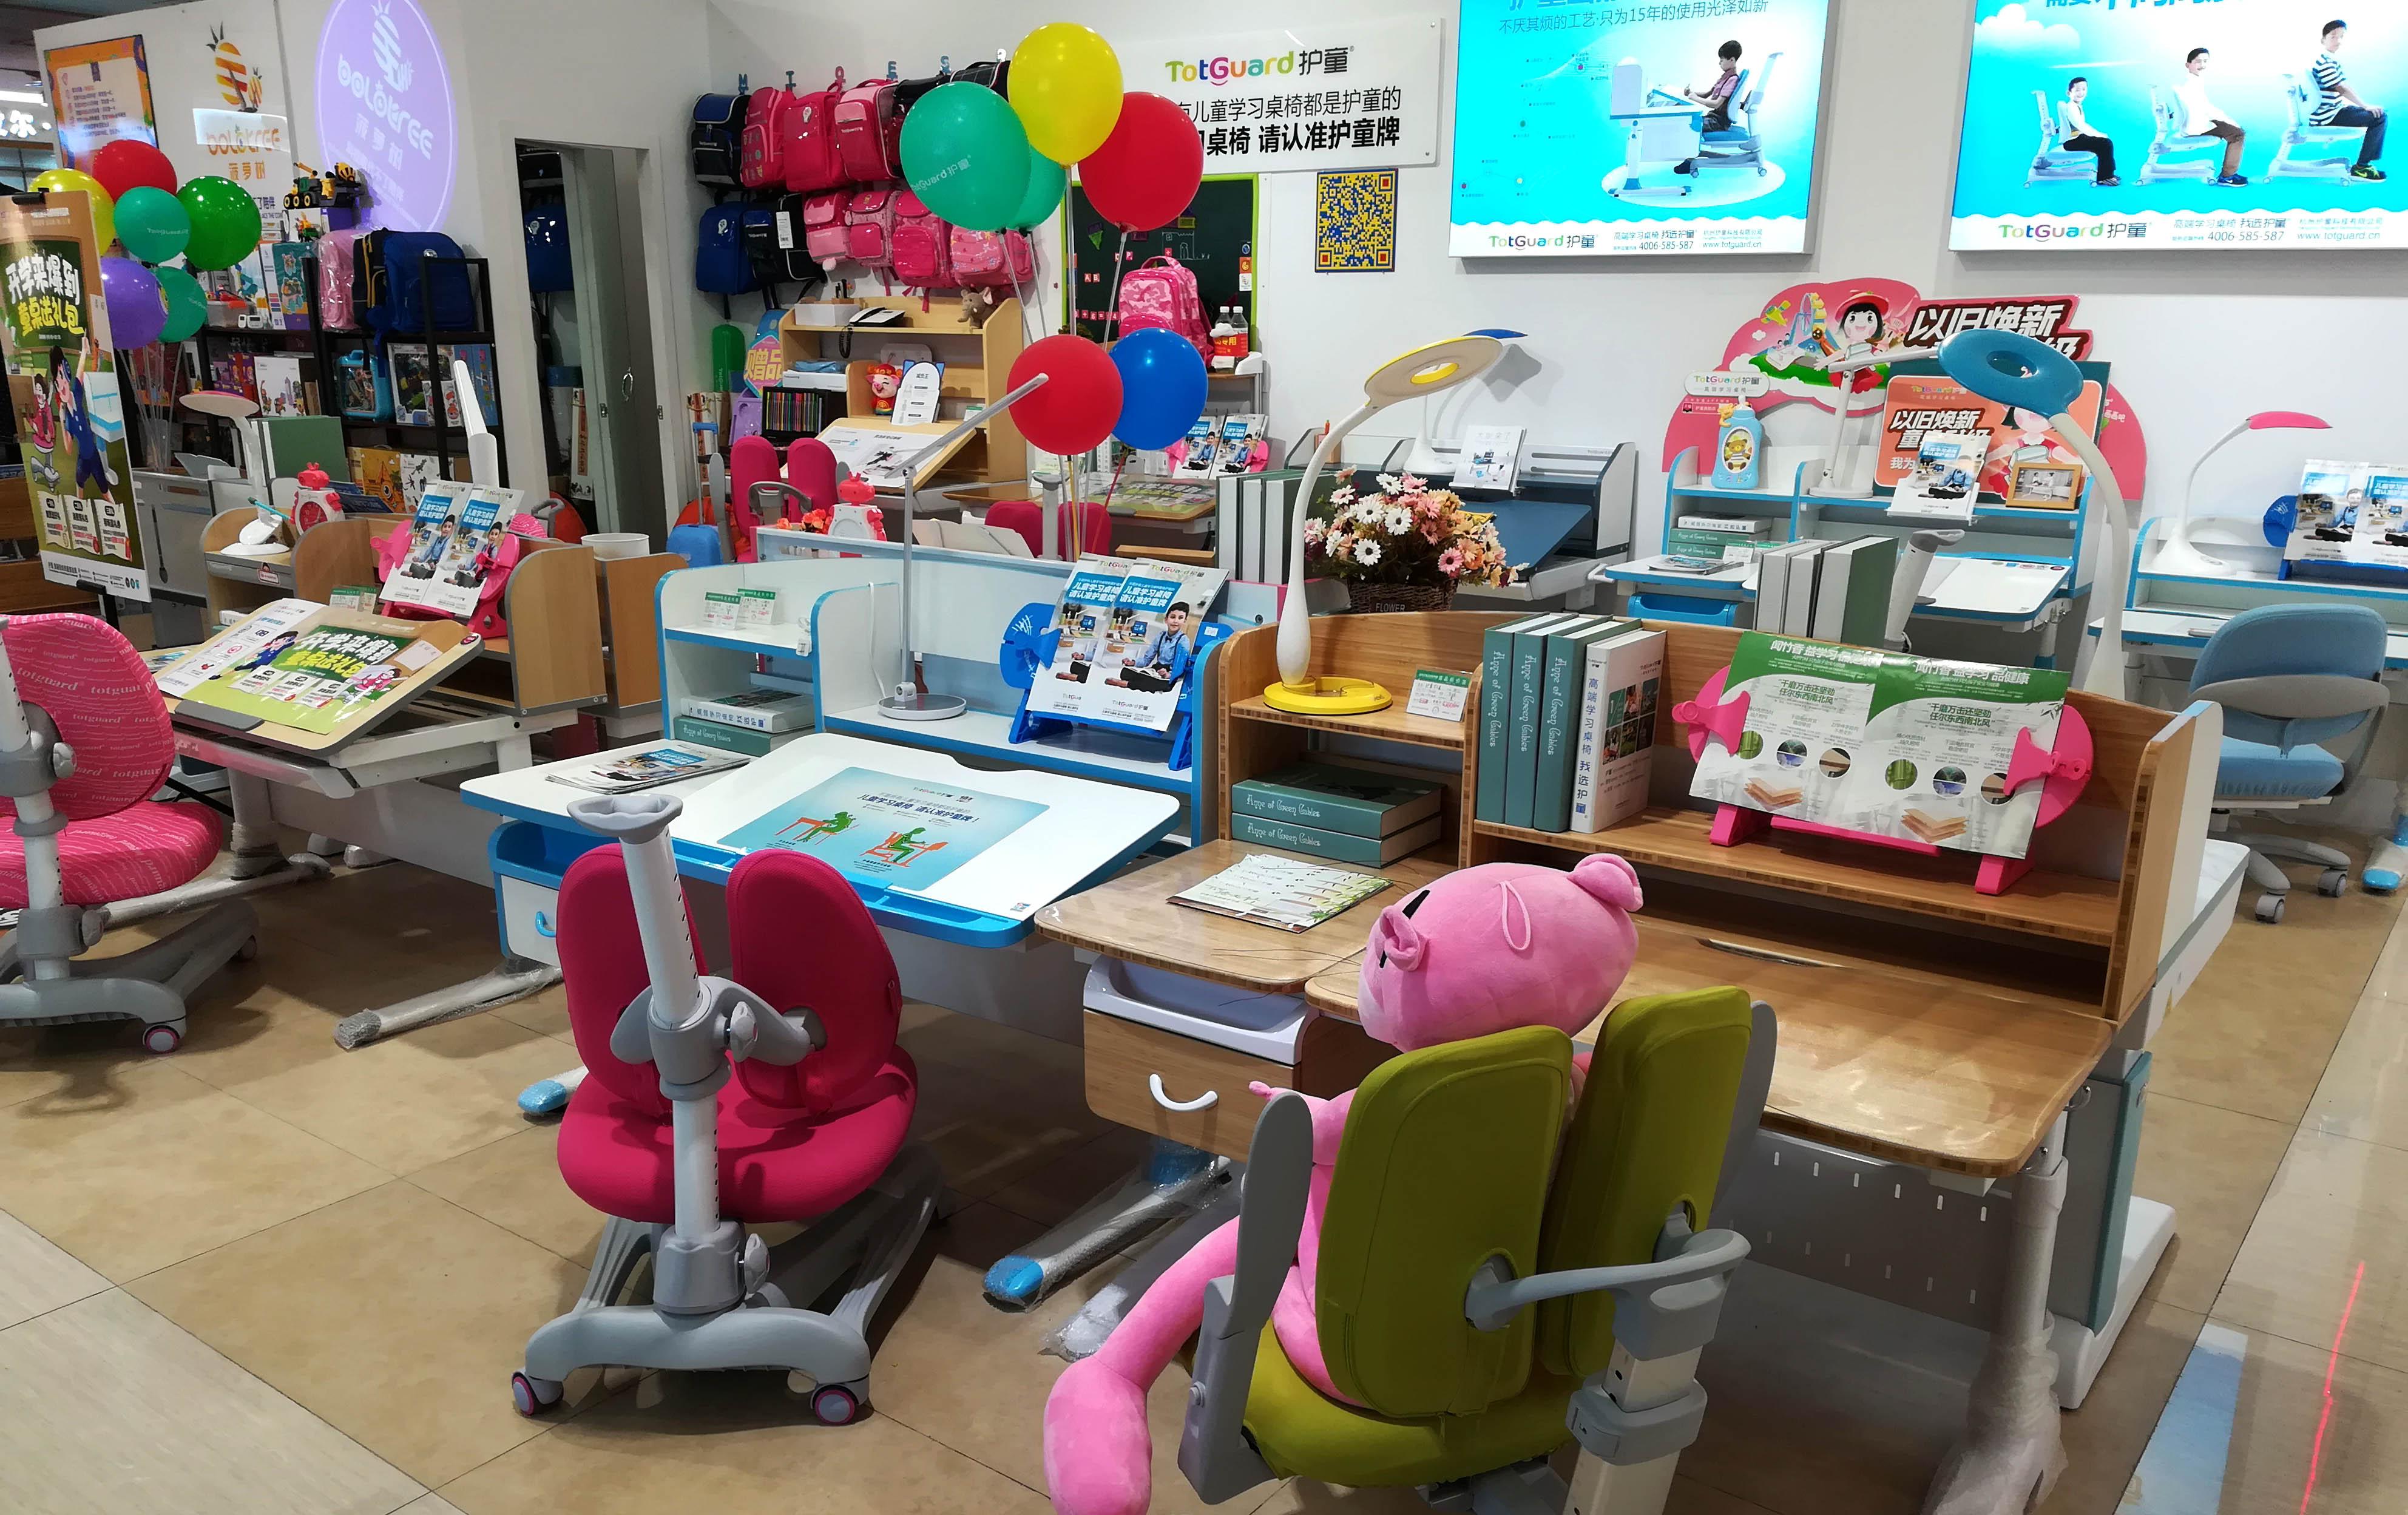 热烈祝贺护童第1790家寿光全福元护童专柜盛大开业!